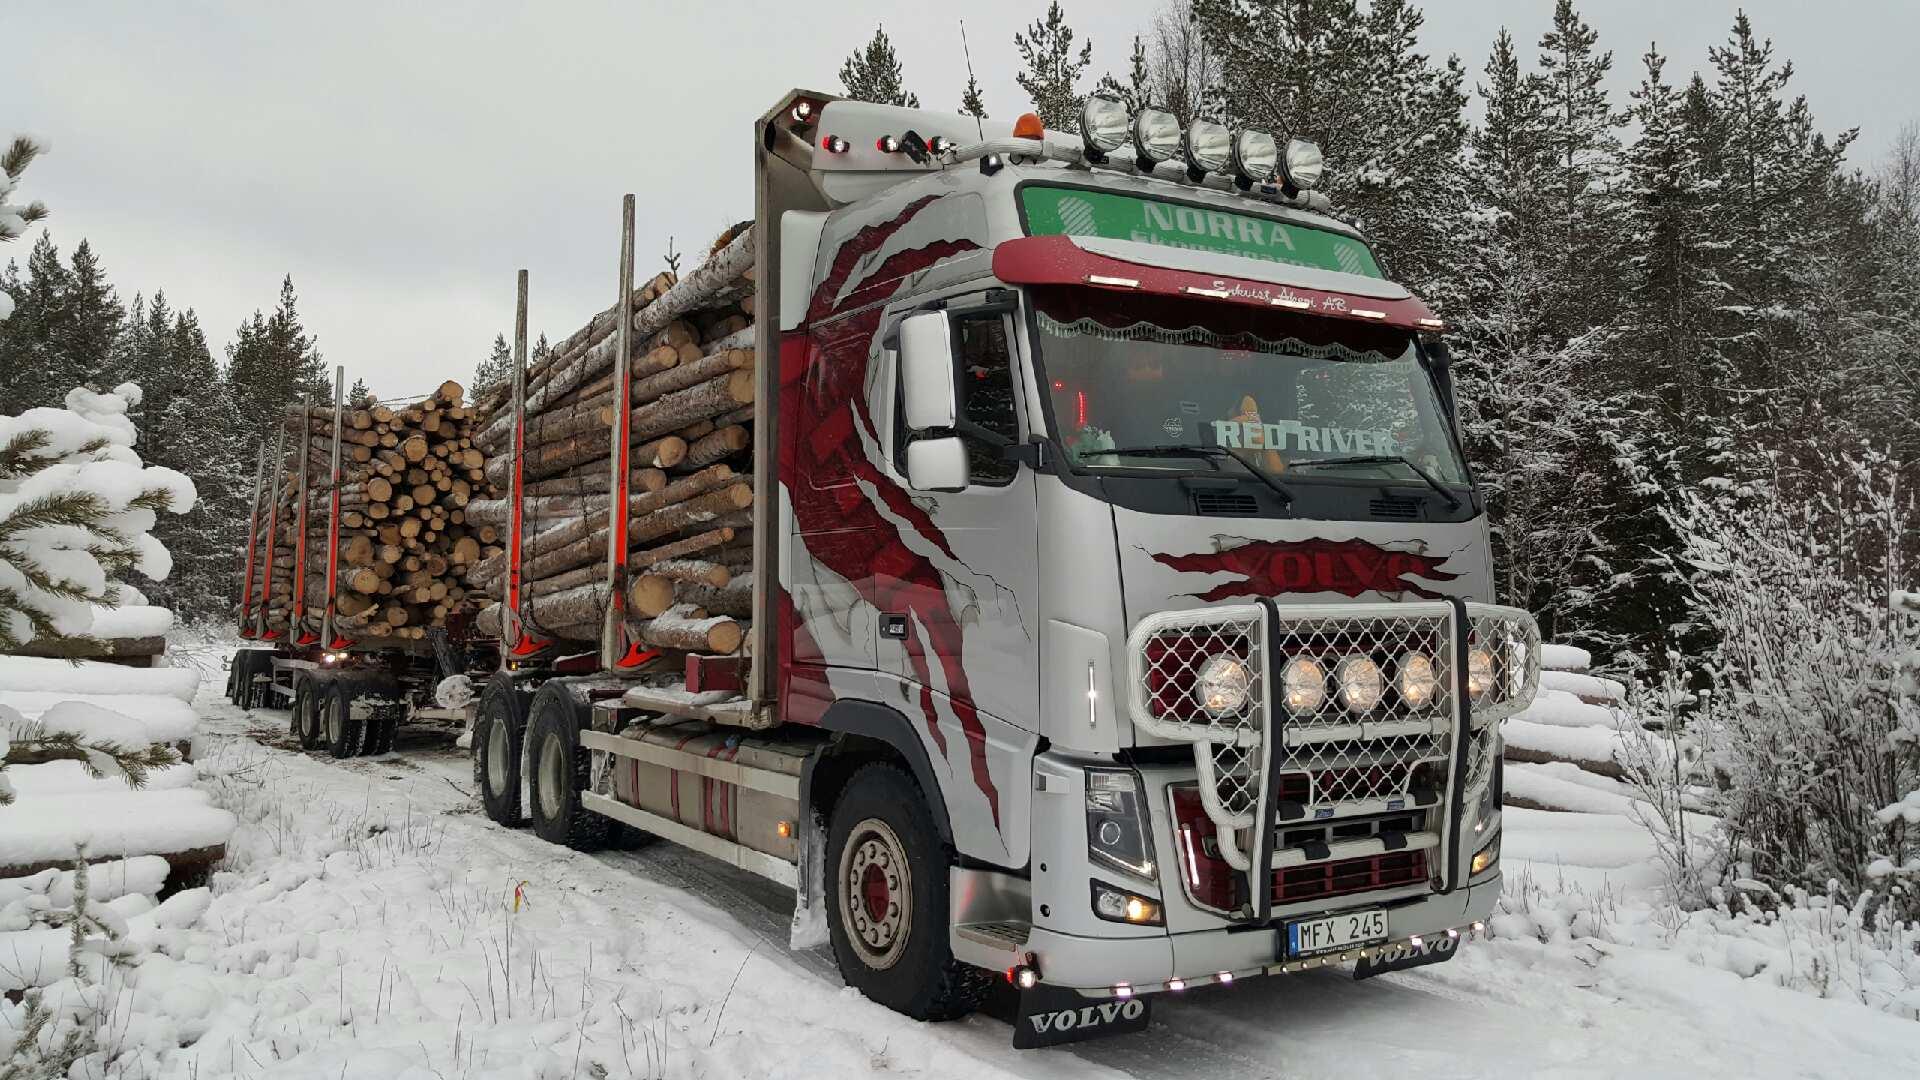 Chockbesked för Norrland – Regeringen dubblar sitt förslag om kilometerskatt